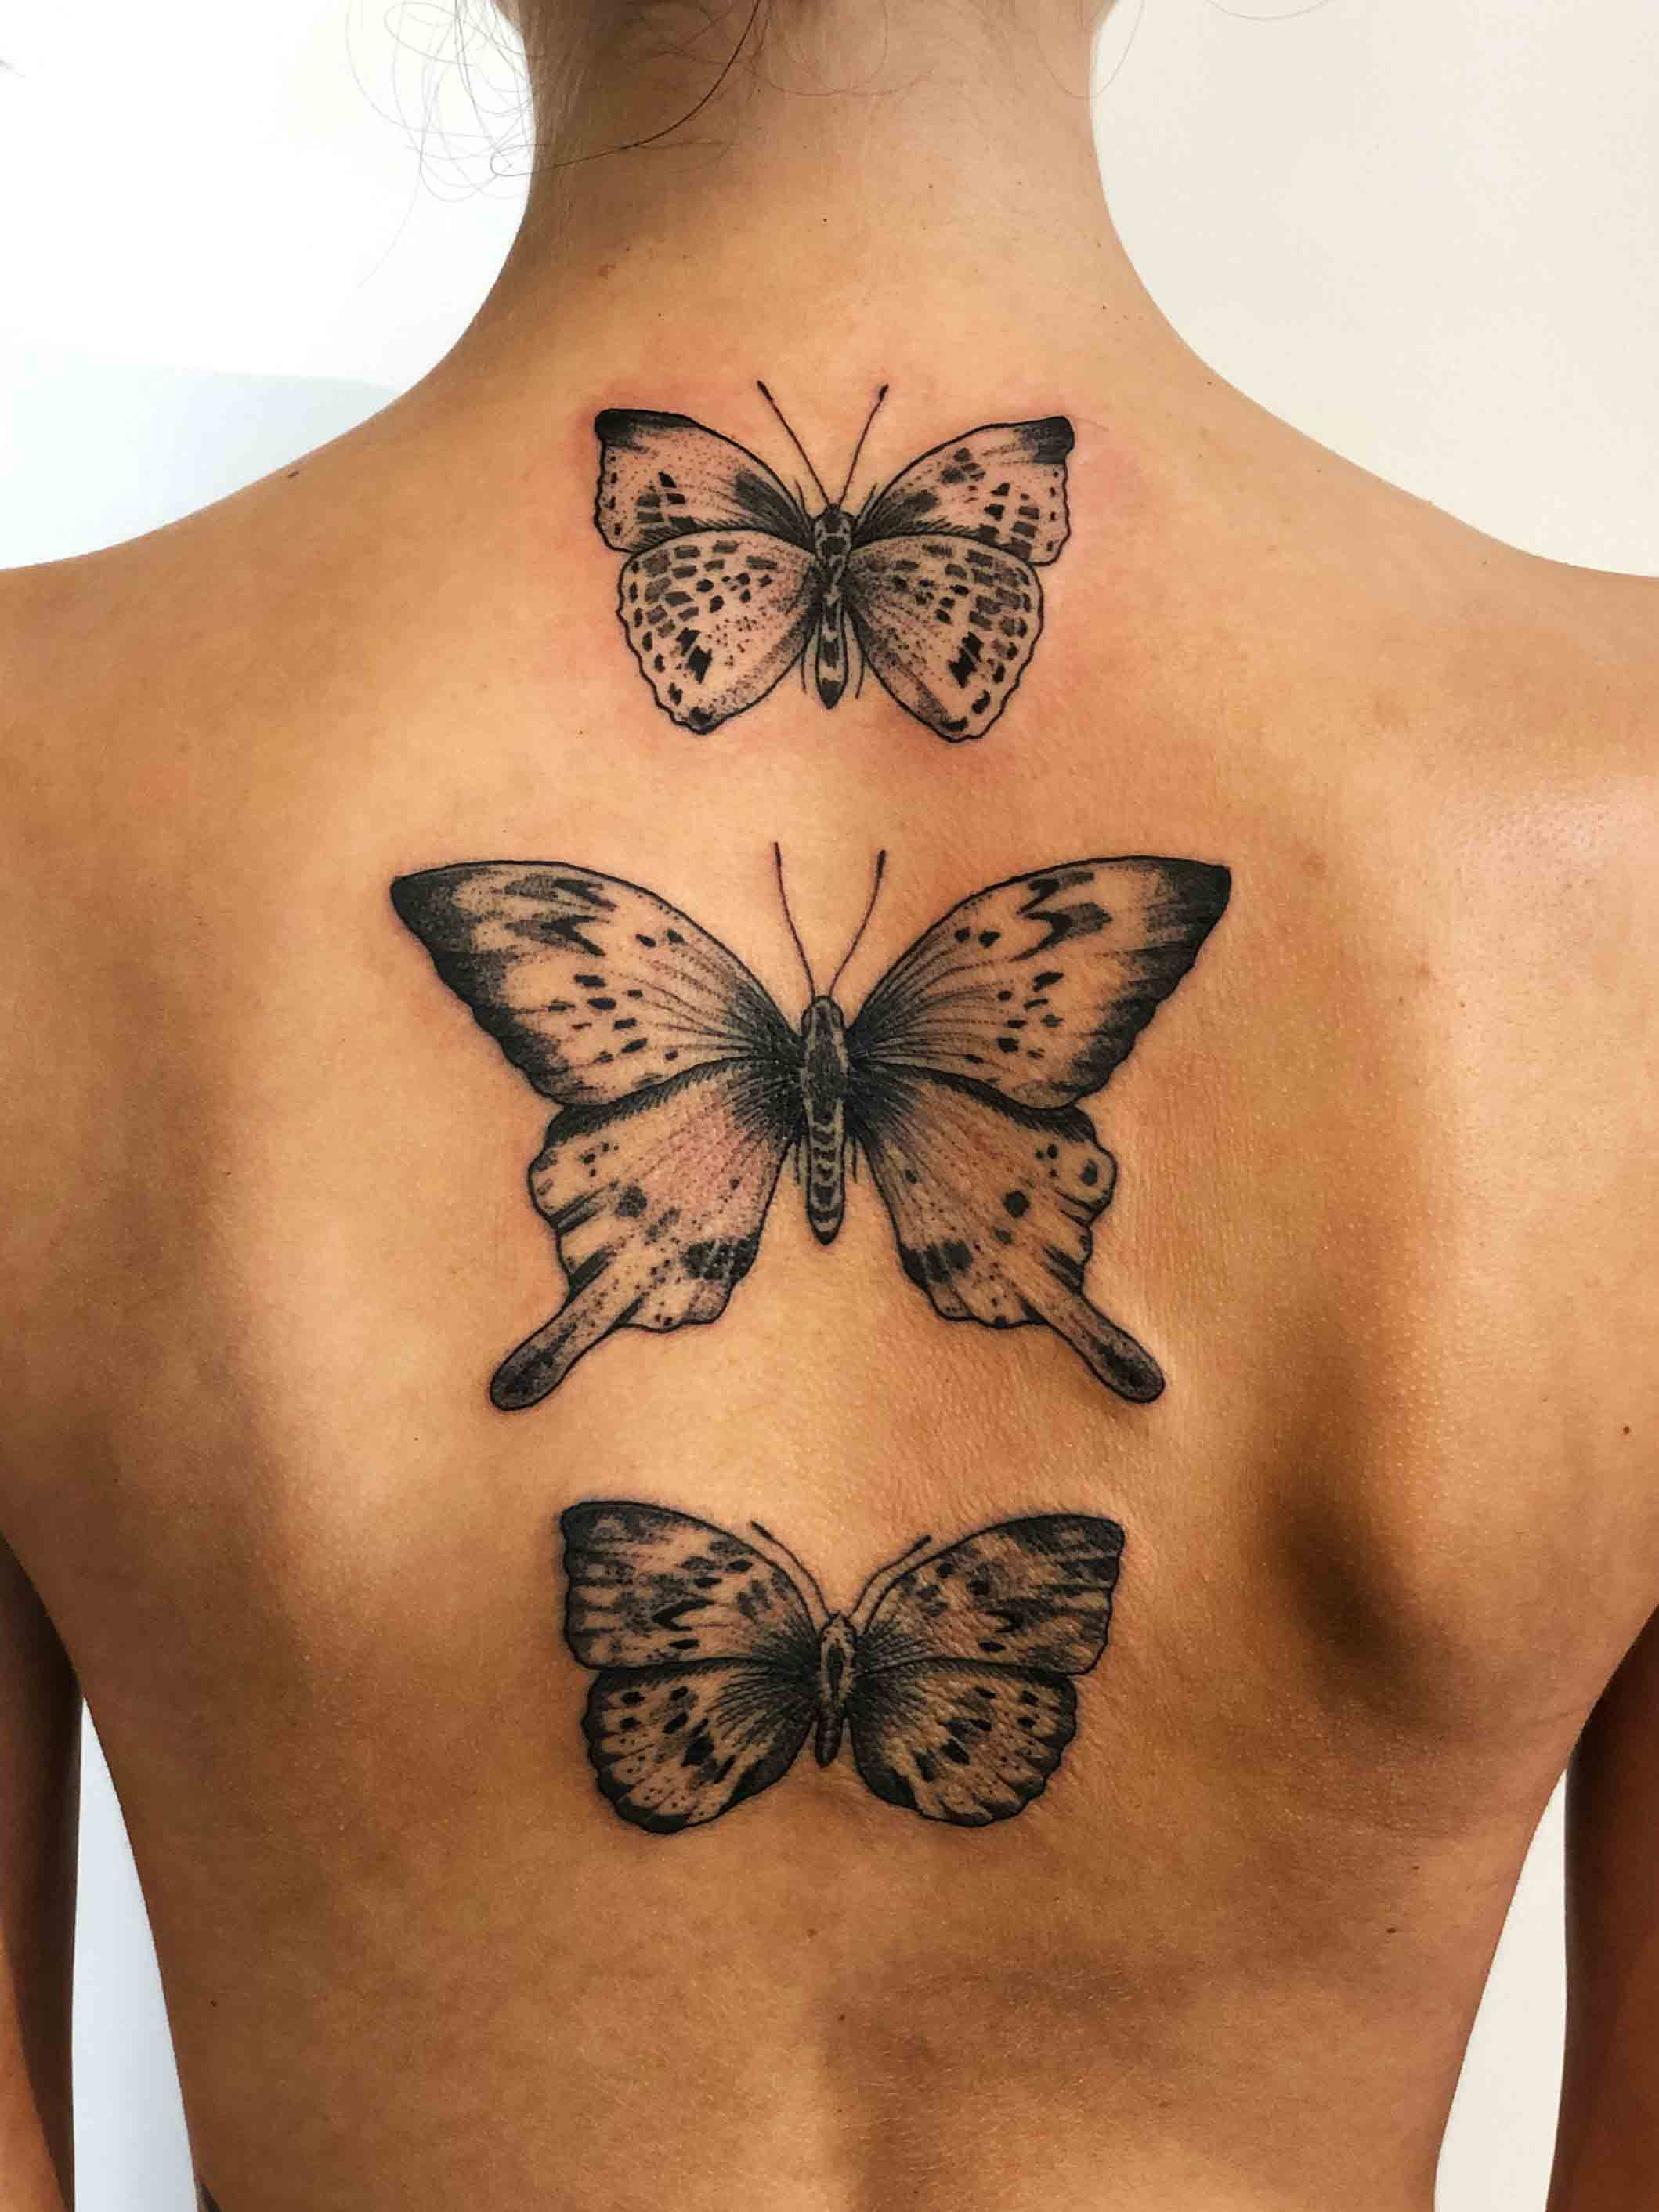 Florian Hirnhack Back Tattoo of Three Butterflies